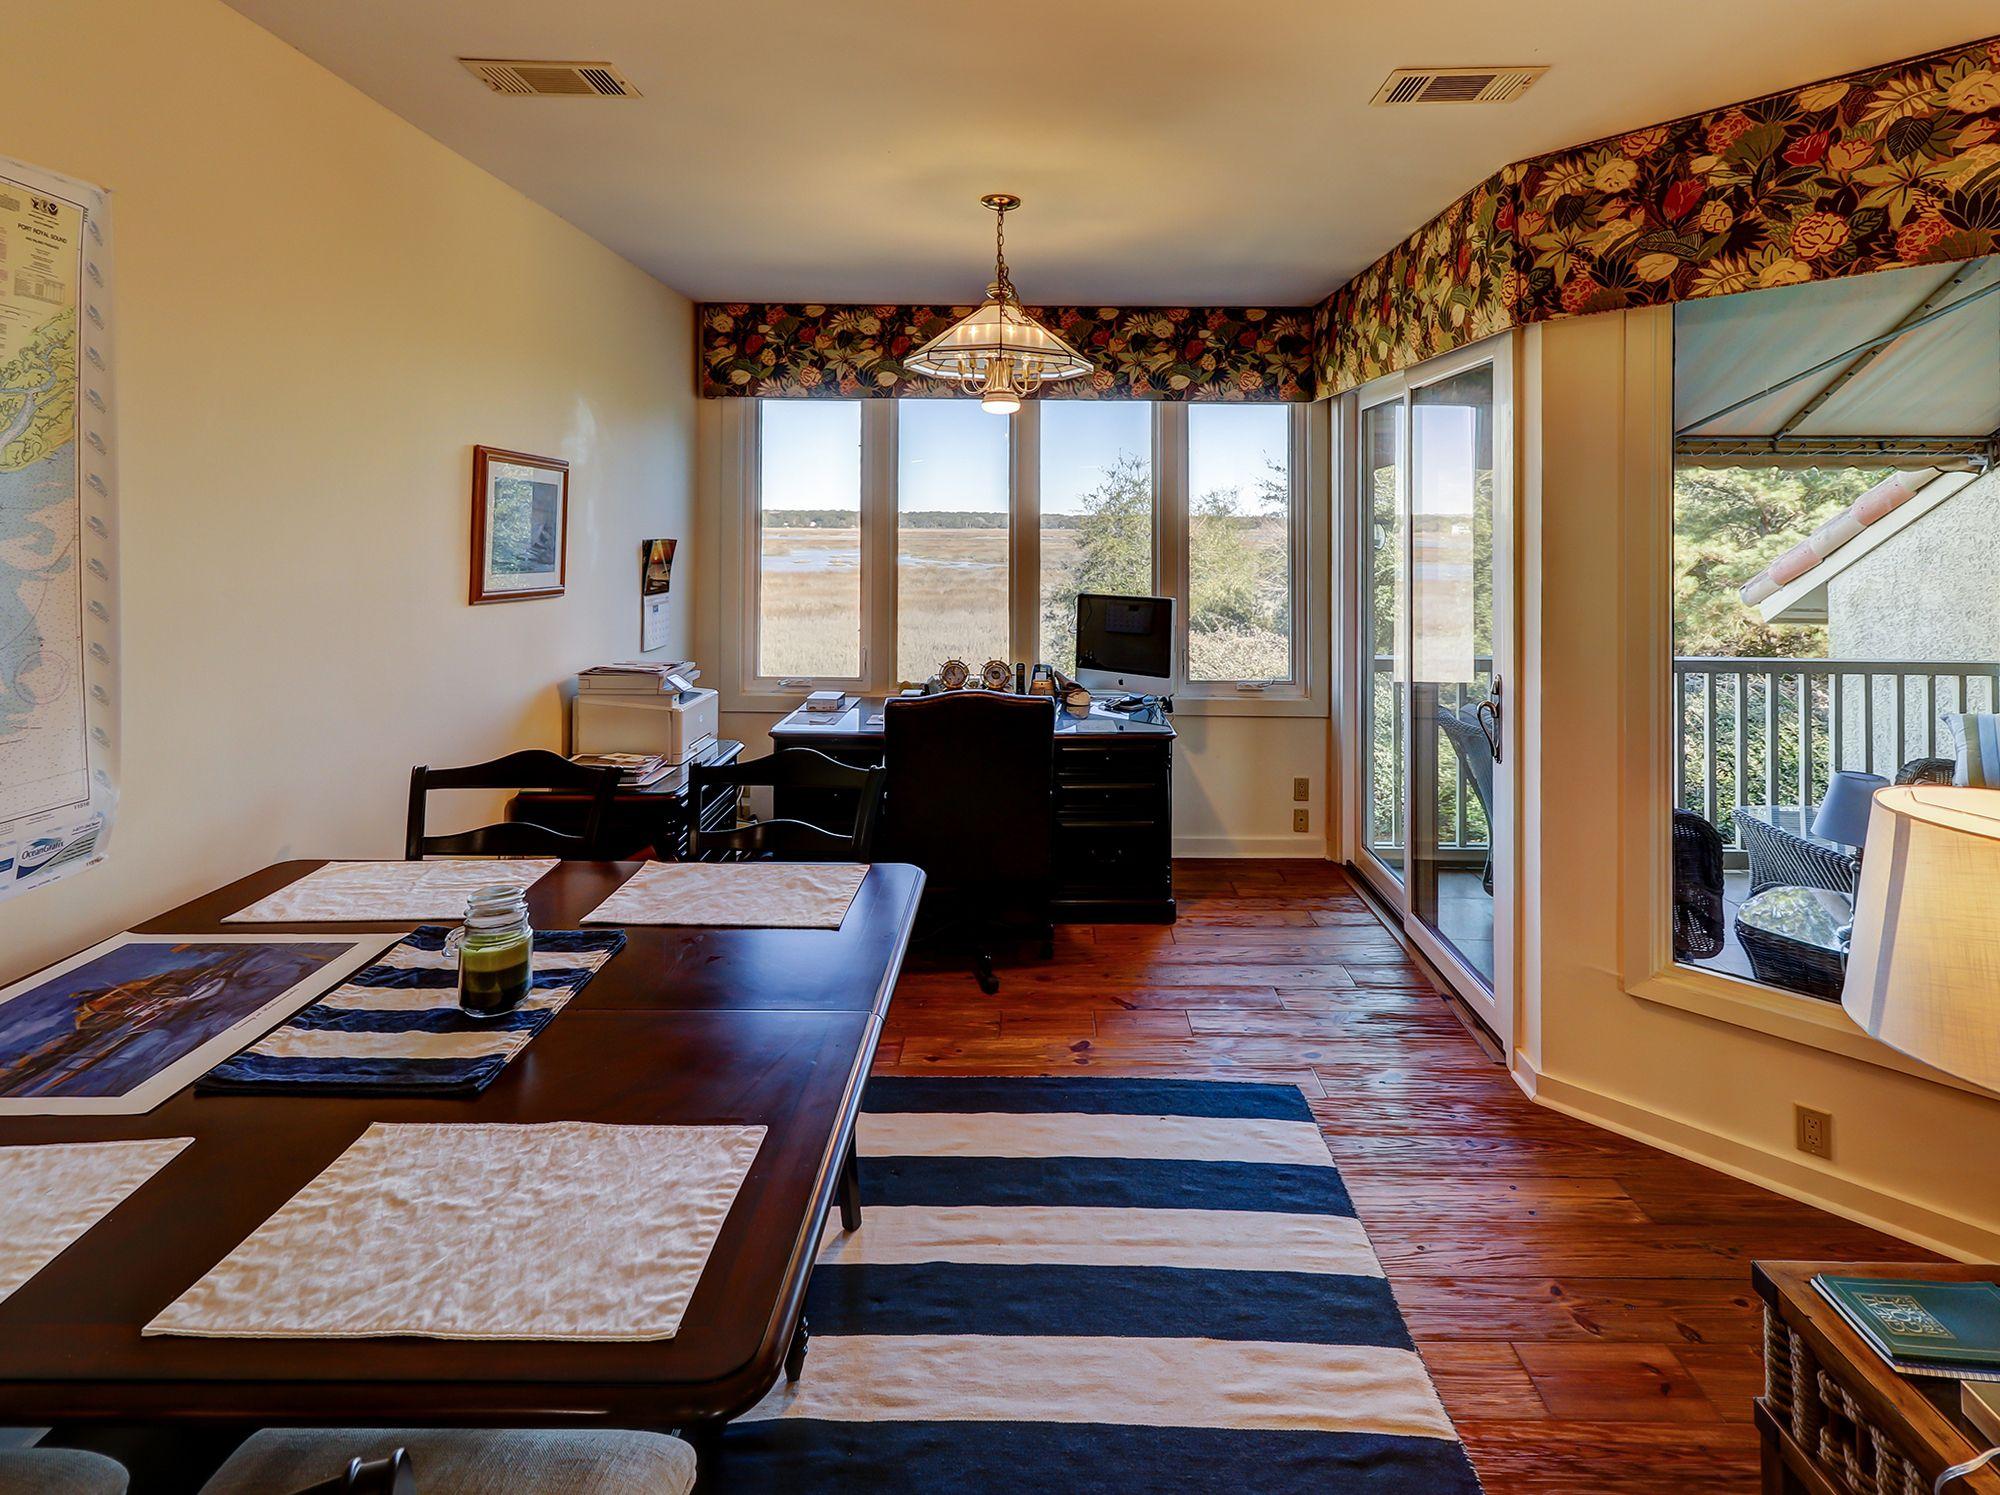 Hilton head real estate update villa home decor new